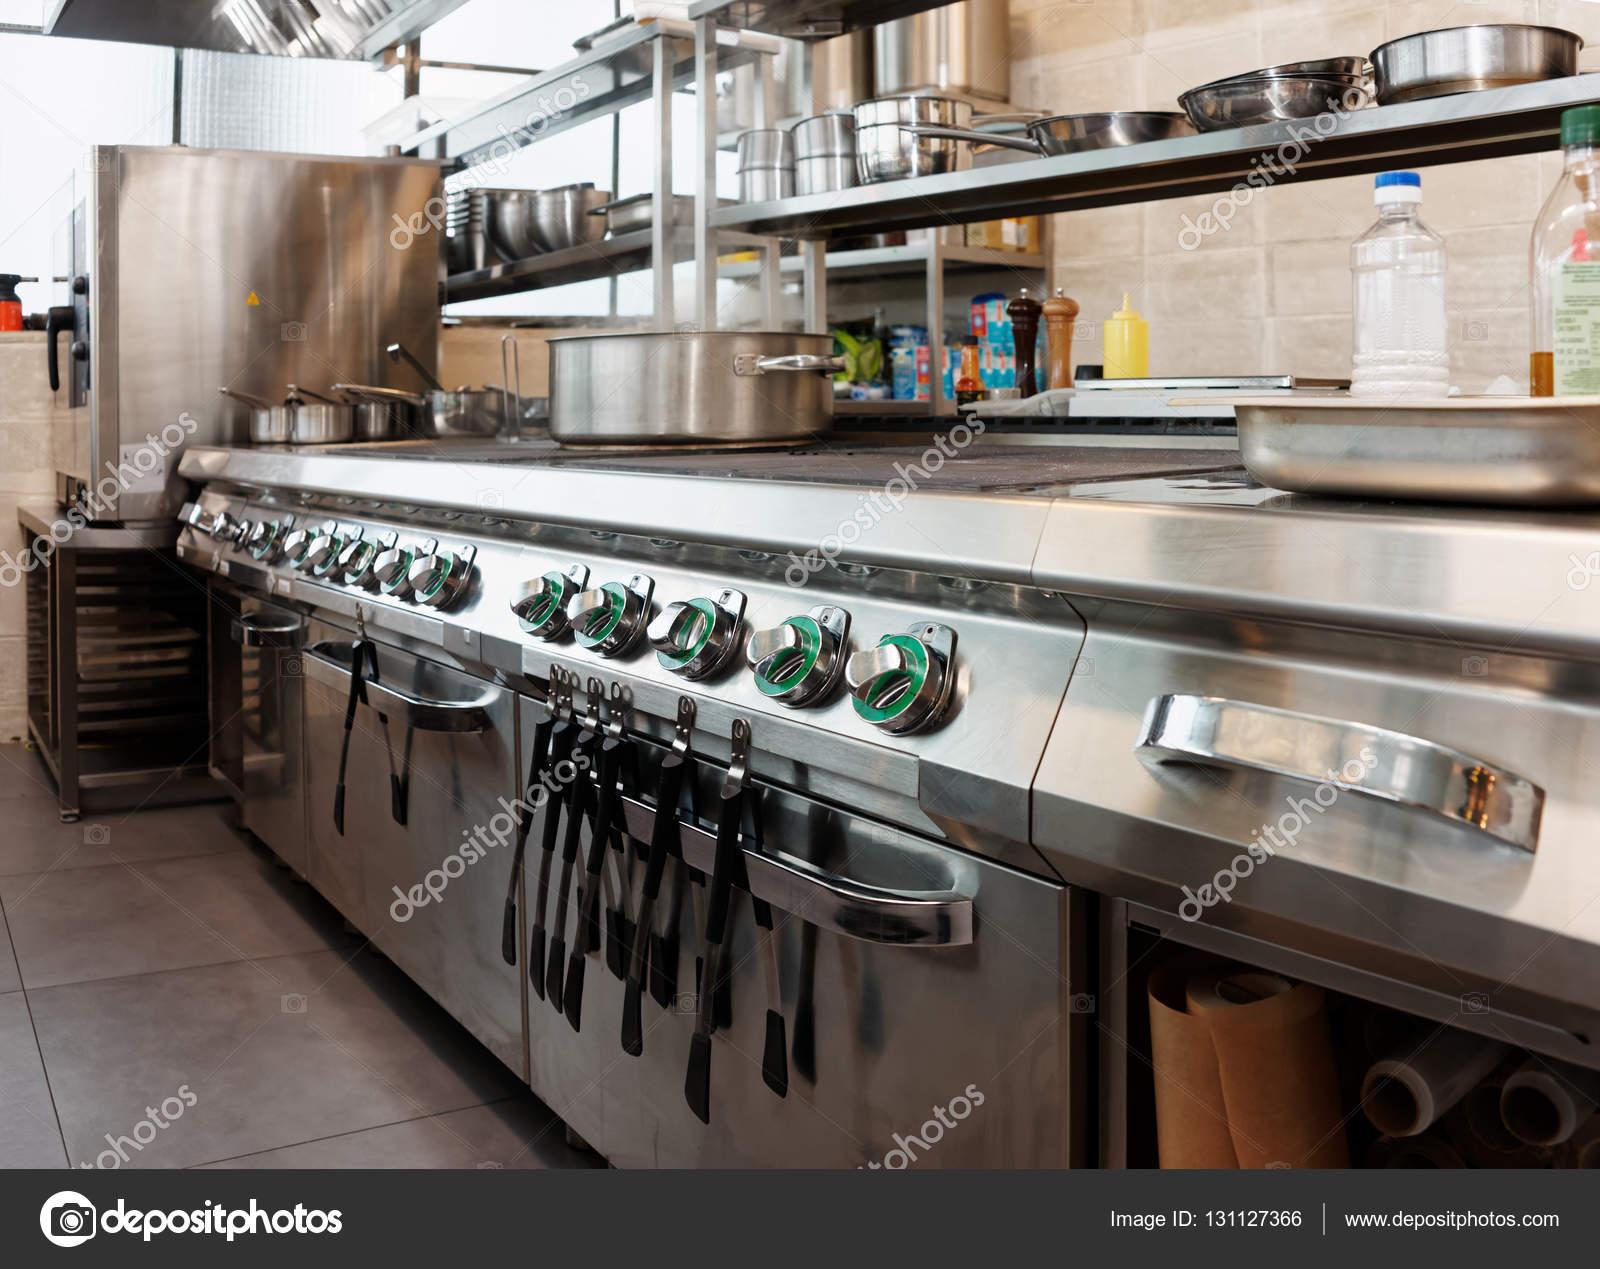 Migliore marca di cucine marca cucine destinato beautiful migliore marca di cucine ideas home - Cucine di marca ...